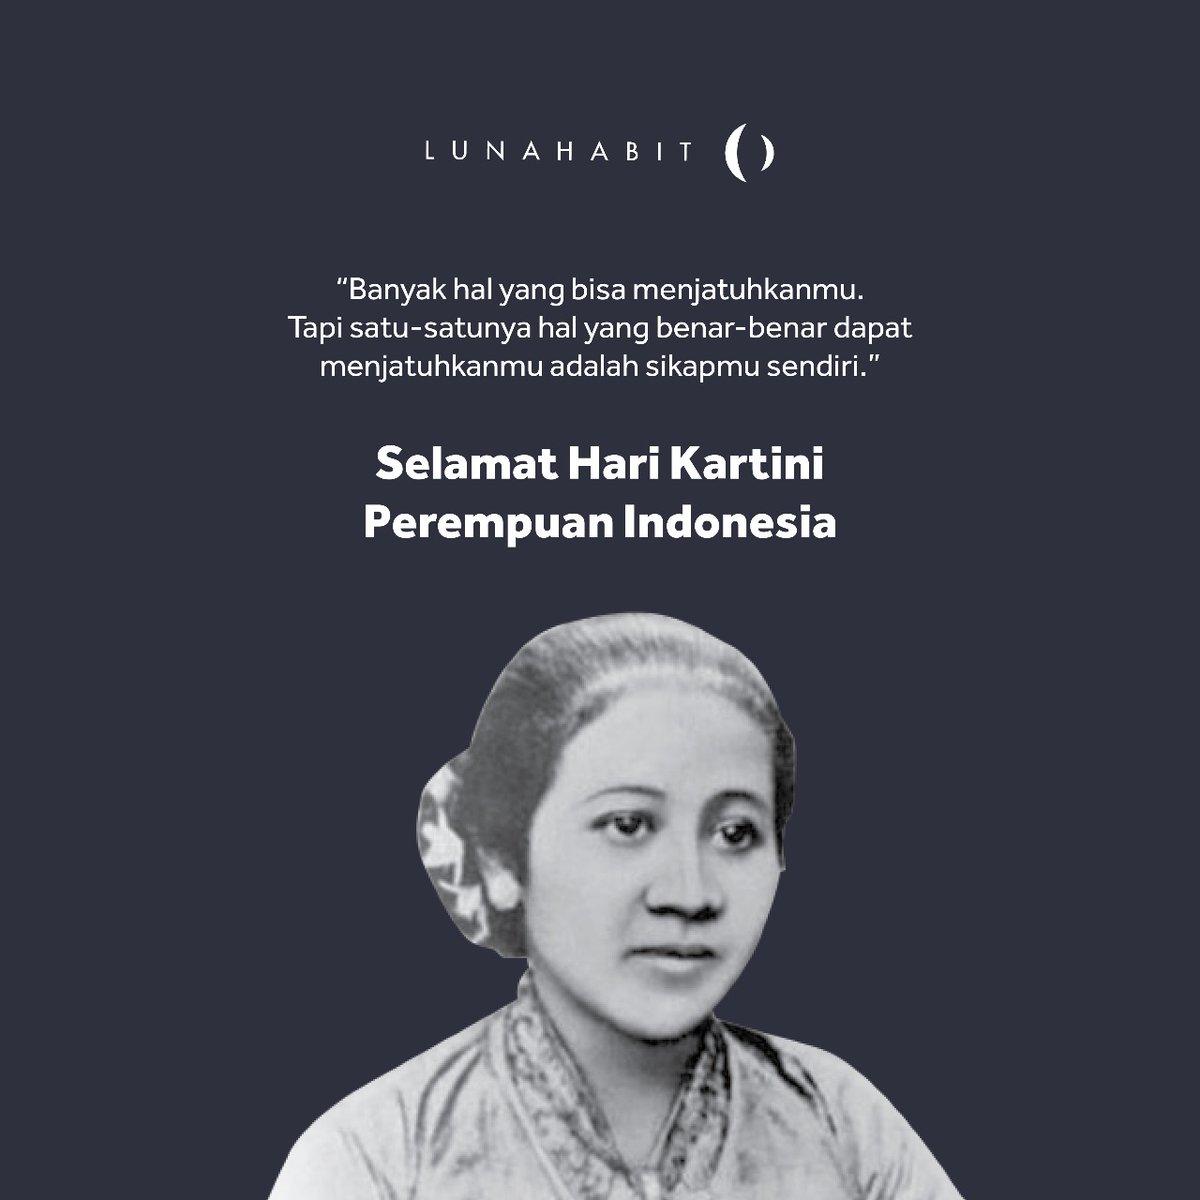 Selamat hari Kartini untuk semua Perempuan Indonesia.